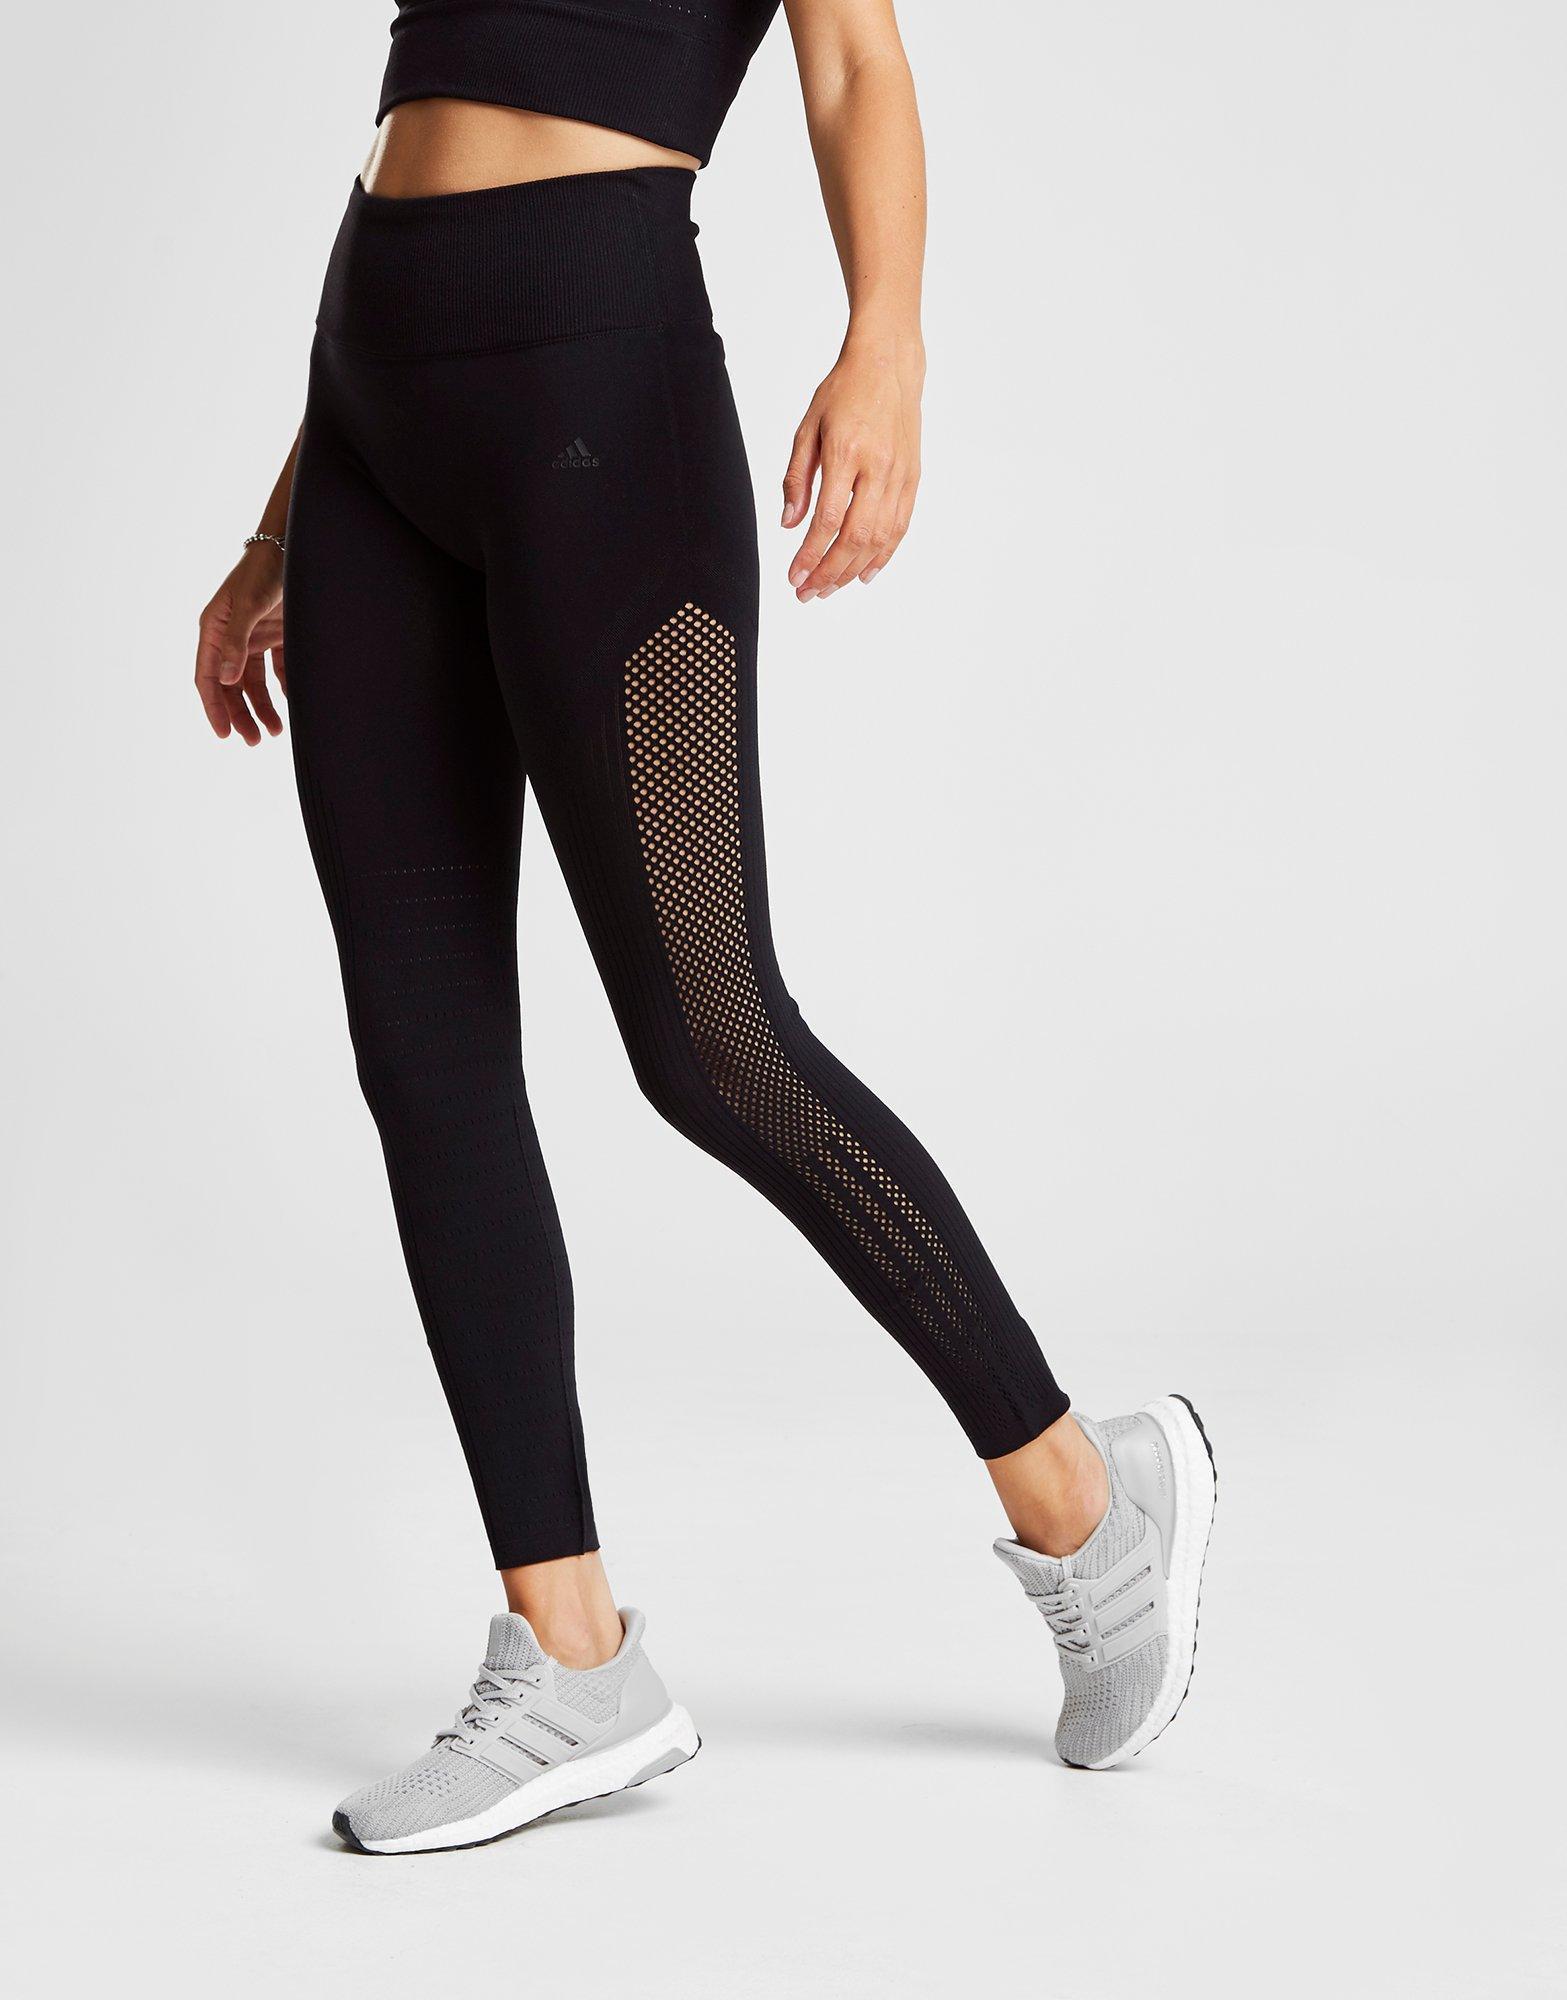 478251273cf80f Adidas Warp Knit Tights In Black Save 15 384615384615387 Lyst